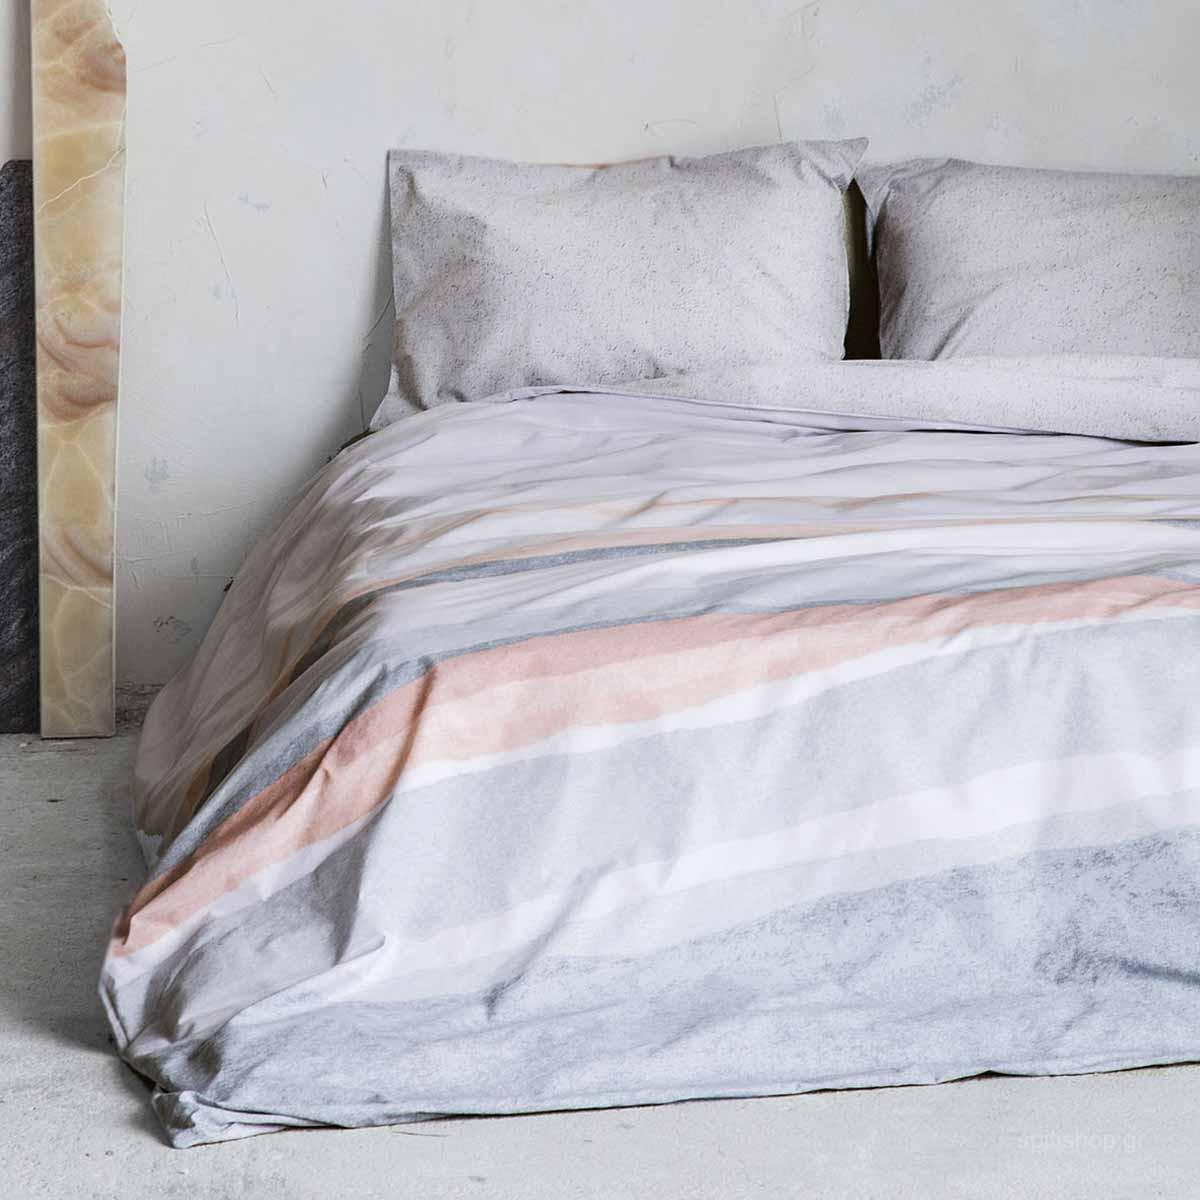 Σεντόνια Μονά (Σετ) Nima Bed Linen Antissamos Grey ΧΩΡΙΣ ΛΑΣΤΙΧΟ ΧΩΡΙΣ ΛΑΣΤΙΧΟ